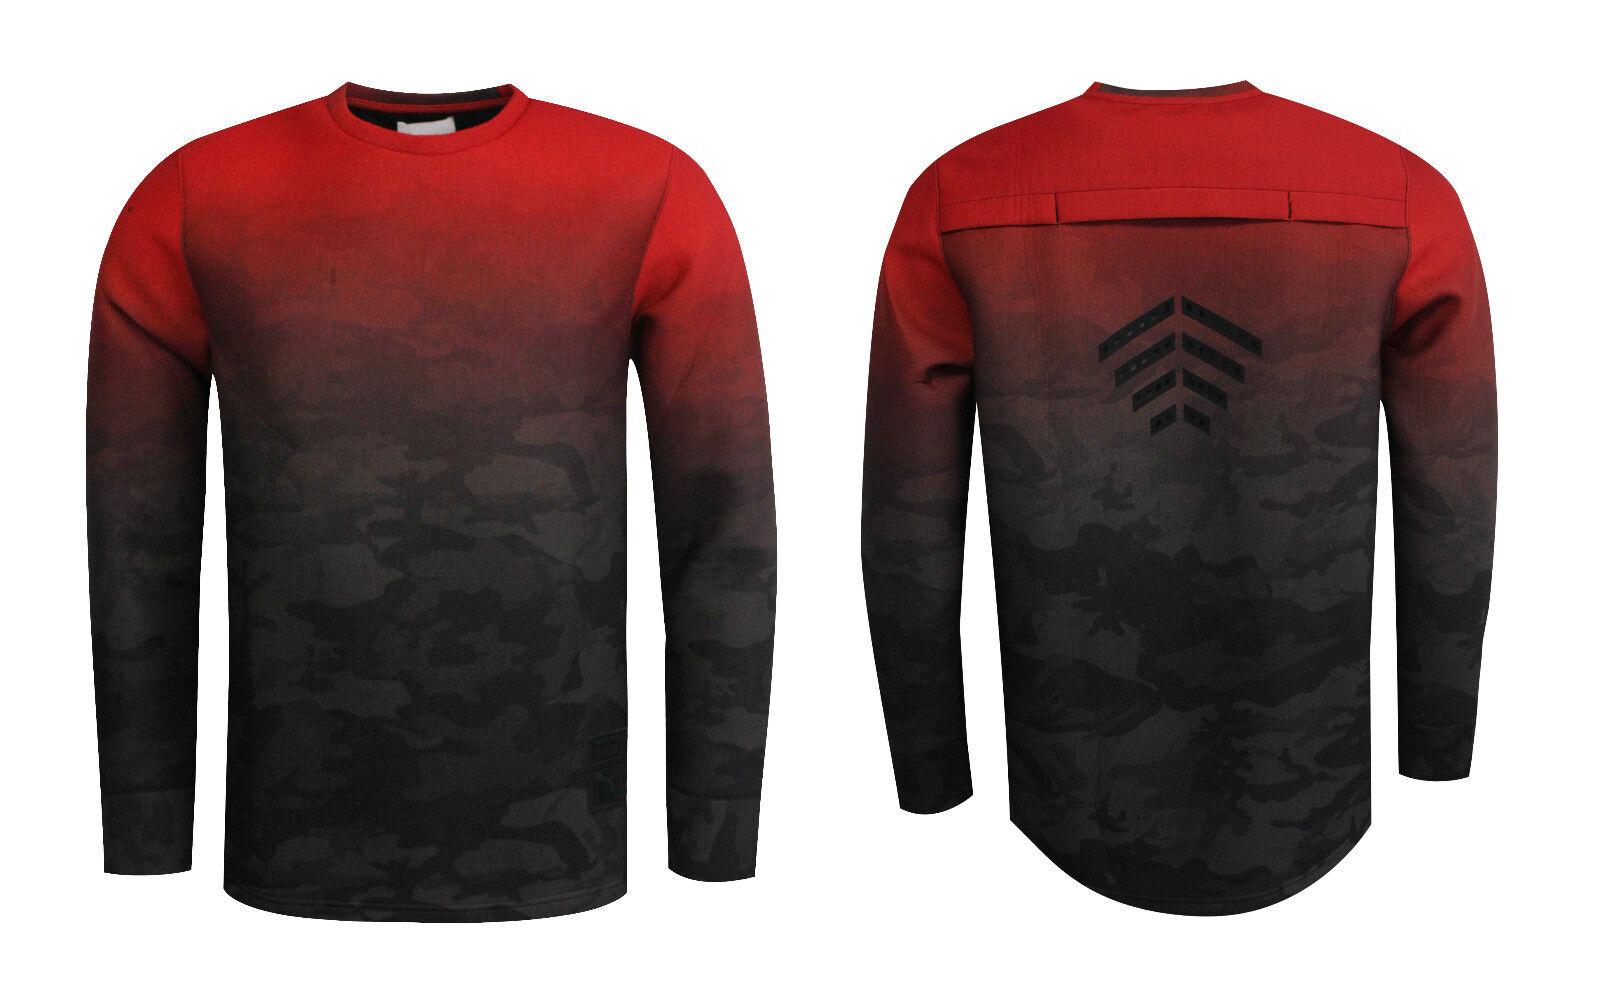 Puma Trapstar Sweatshirt Herren Pullover Oberteil Rot Tarnung keine Tags 571818